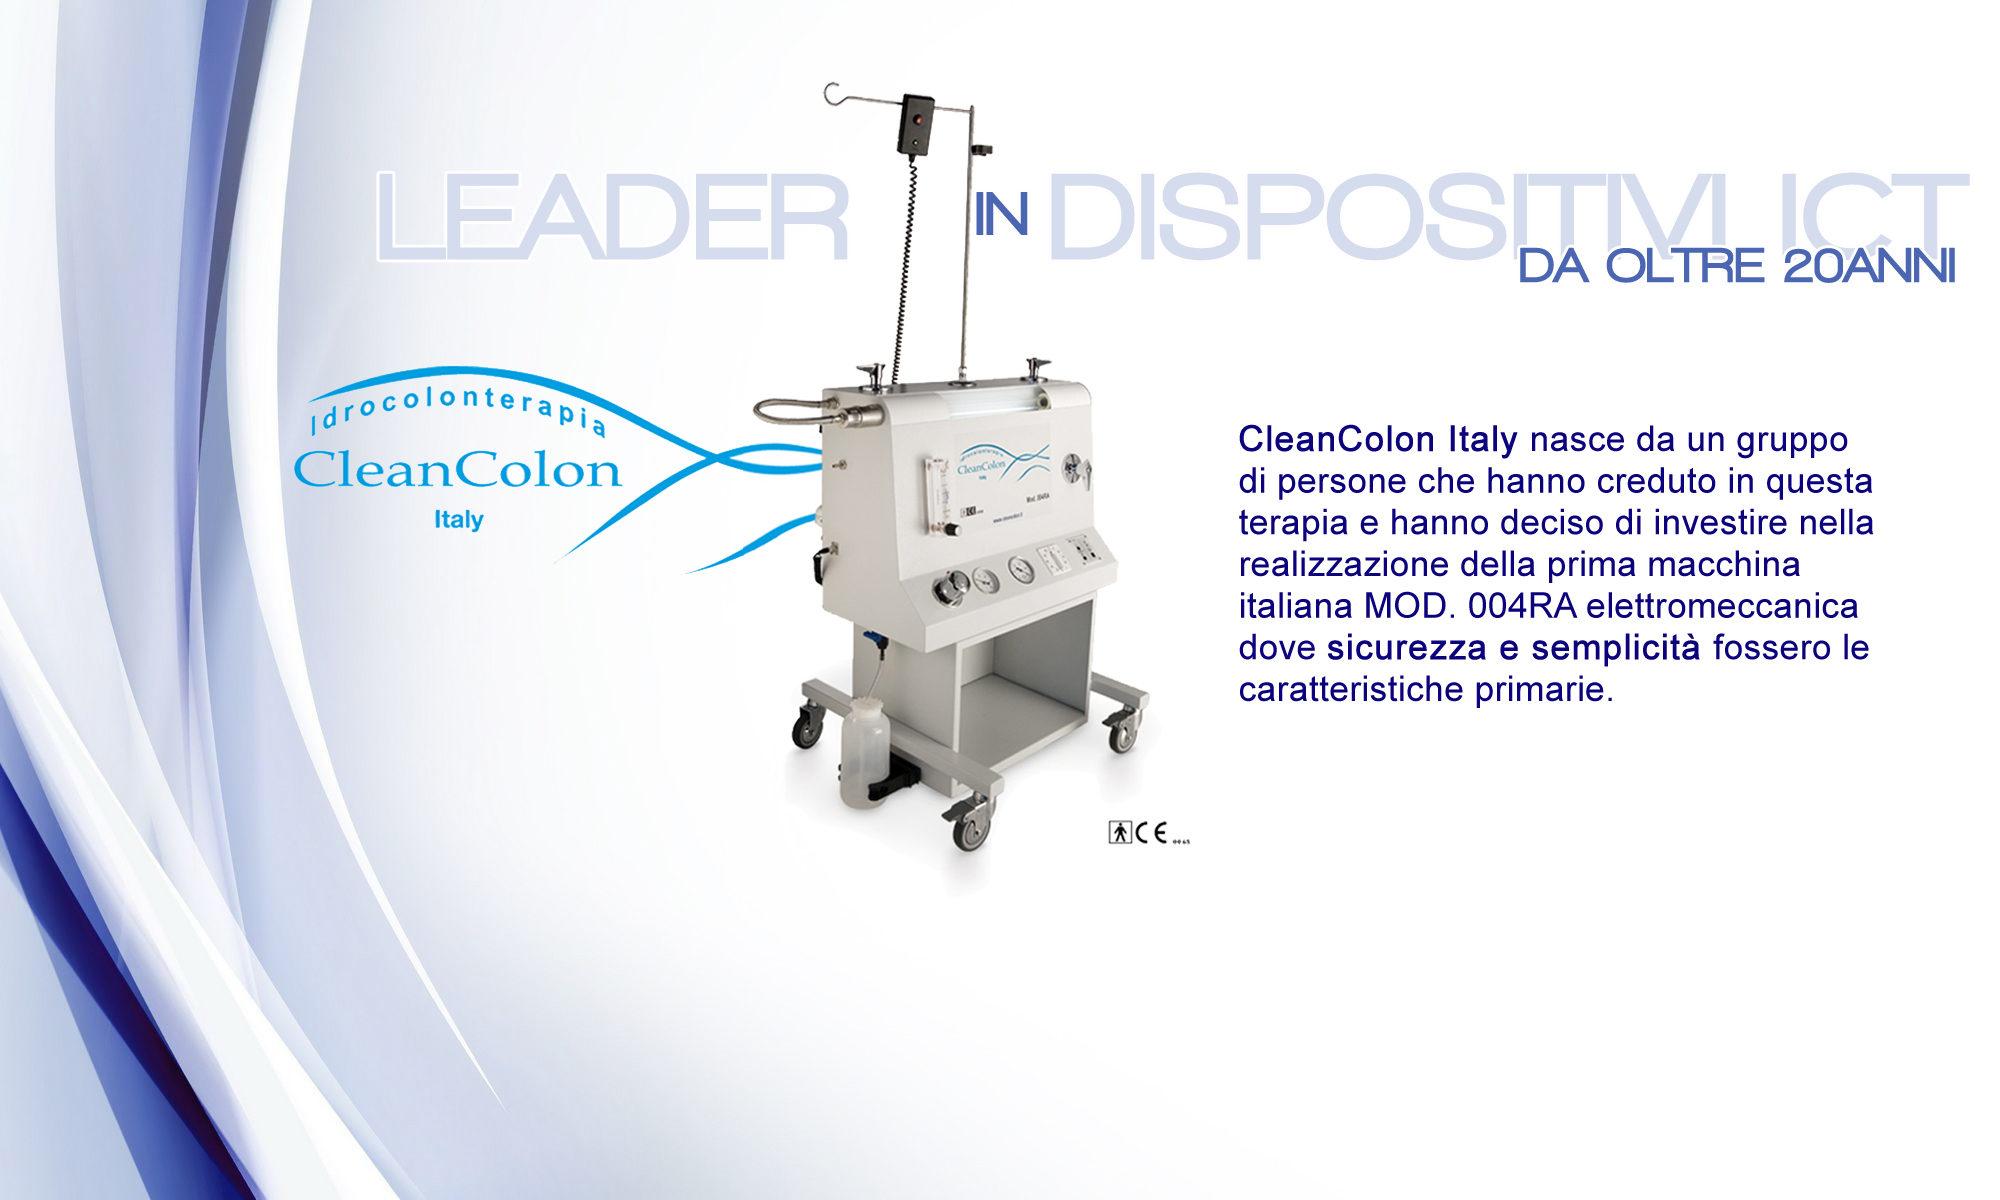 Macchine per idrocolonterapia